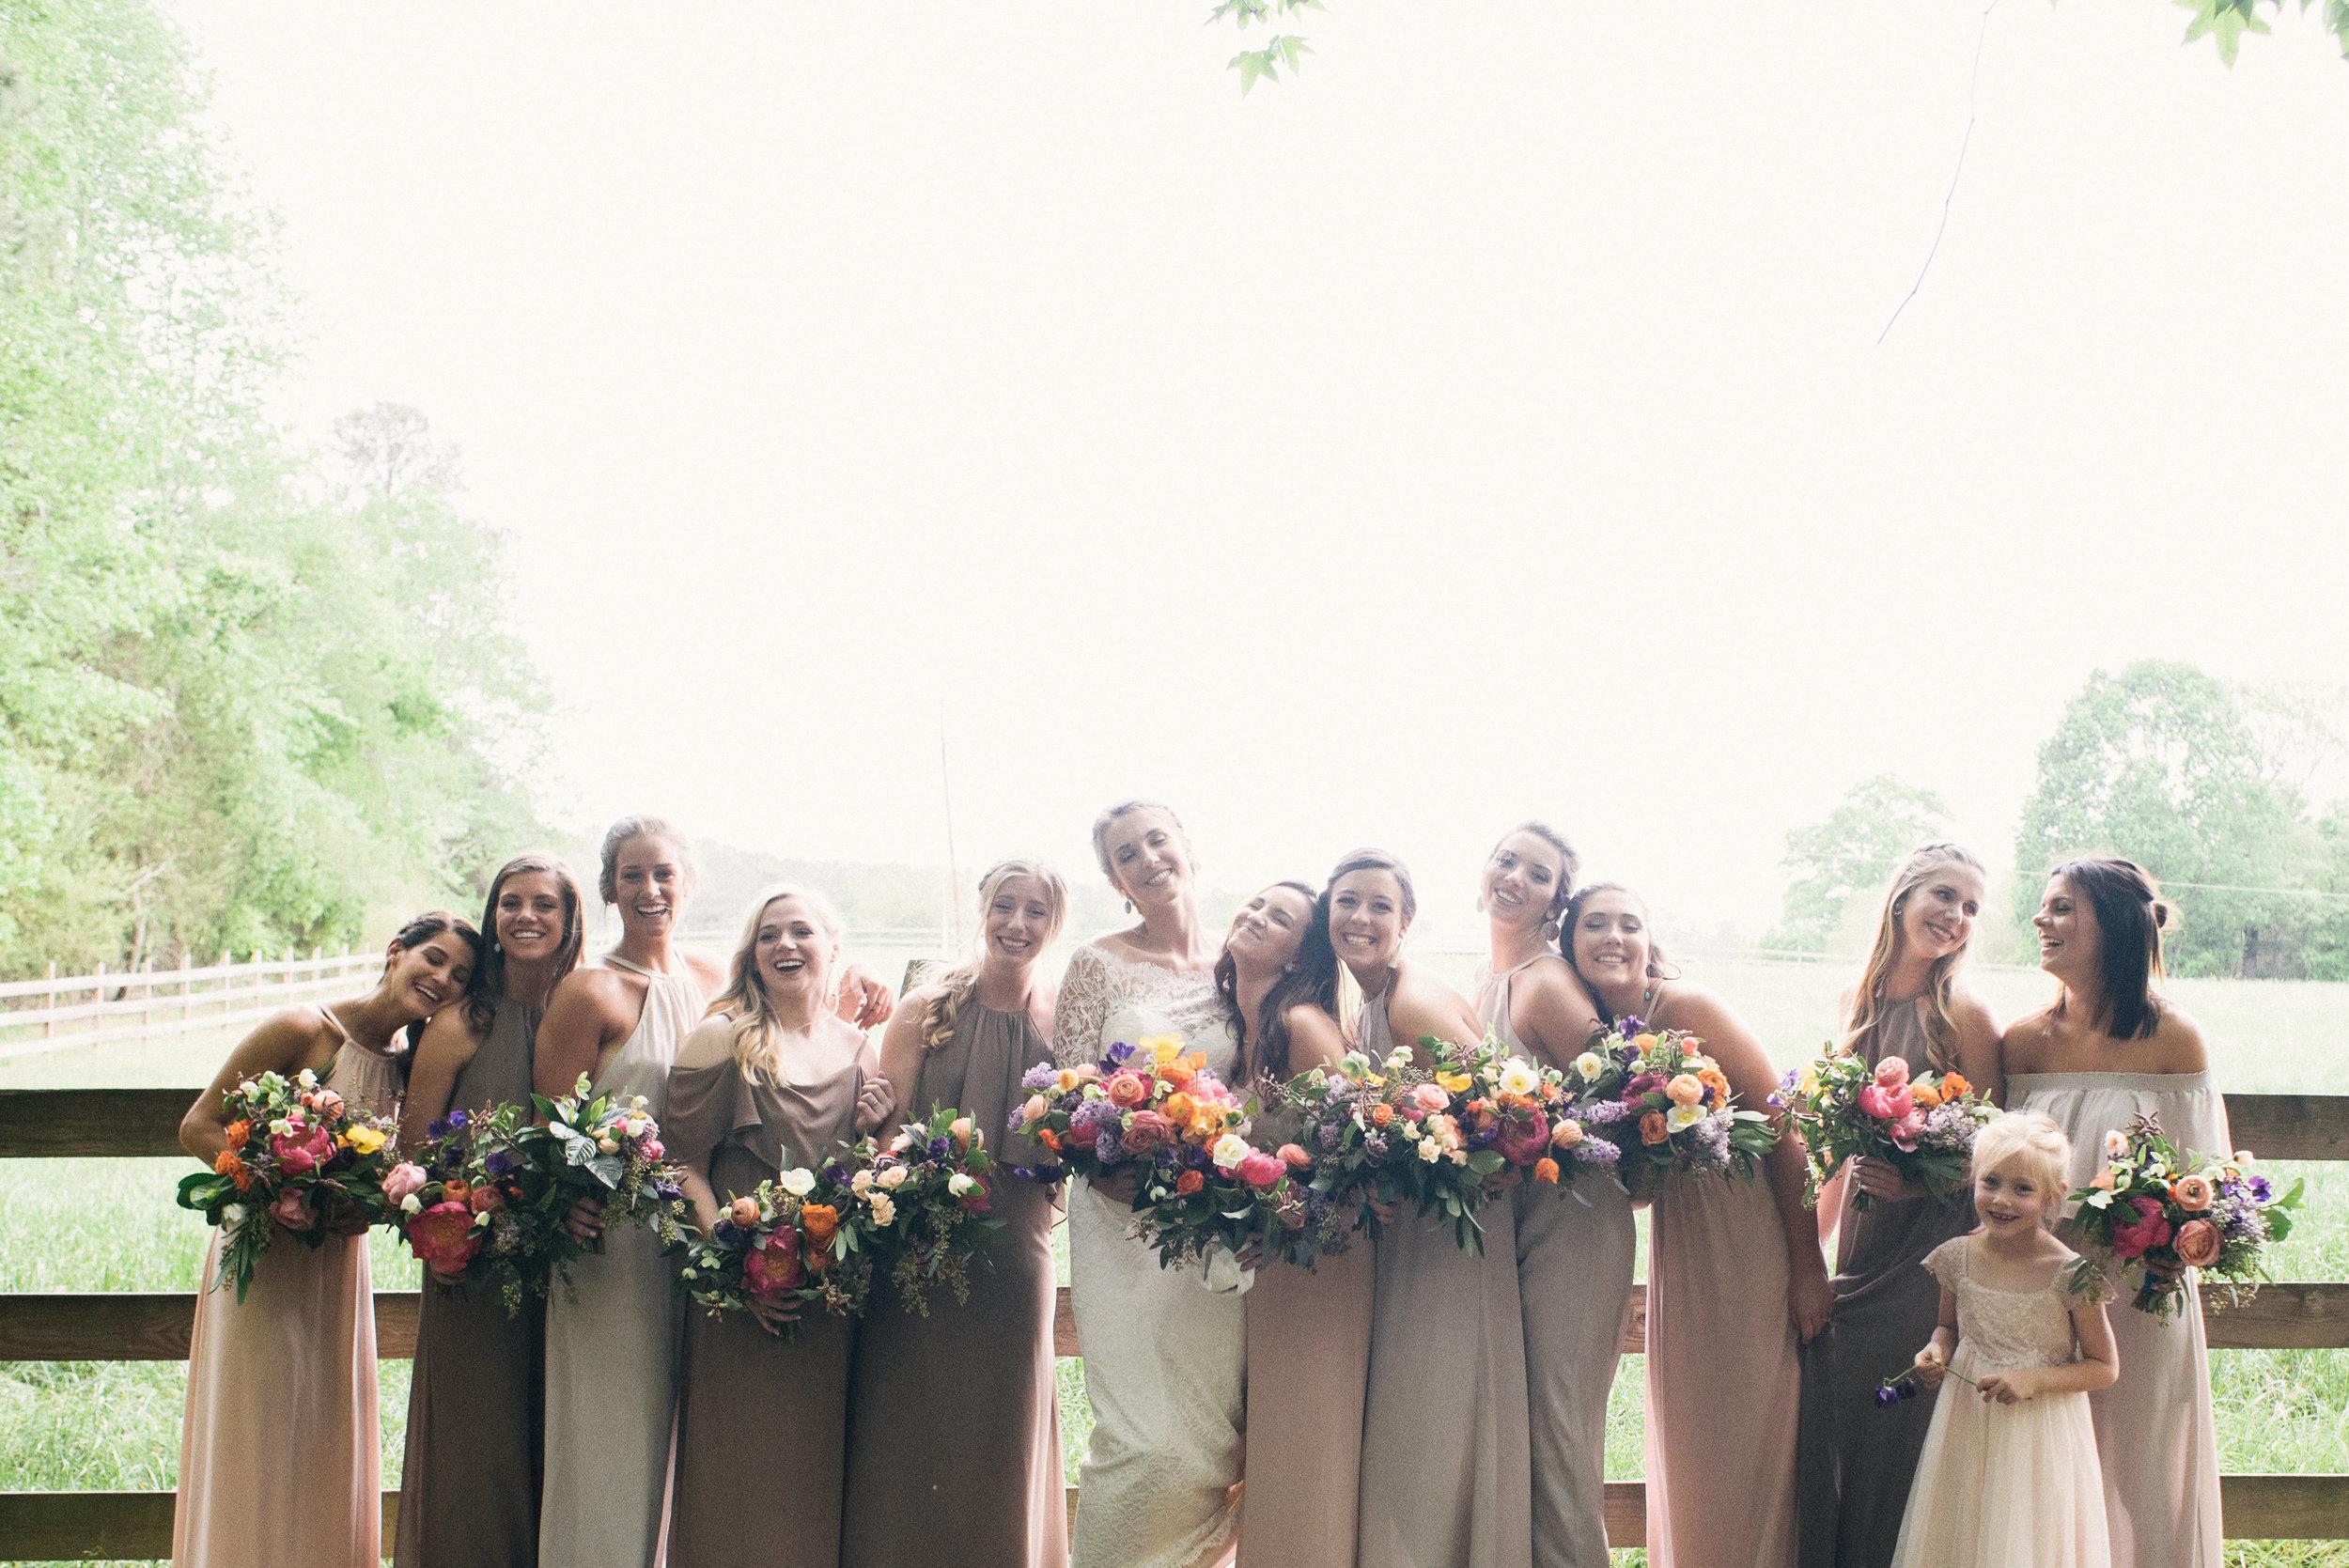 raleigh-elopement-photographer-raleigh-durham-wedding-maddie-and-devin- (54 of 162).jpg